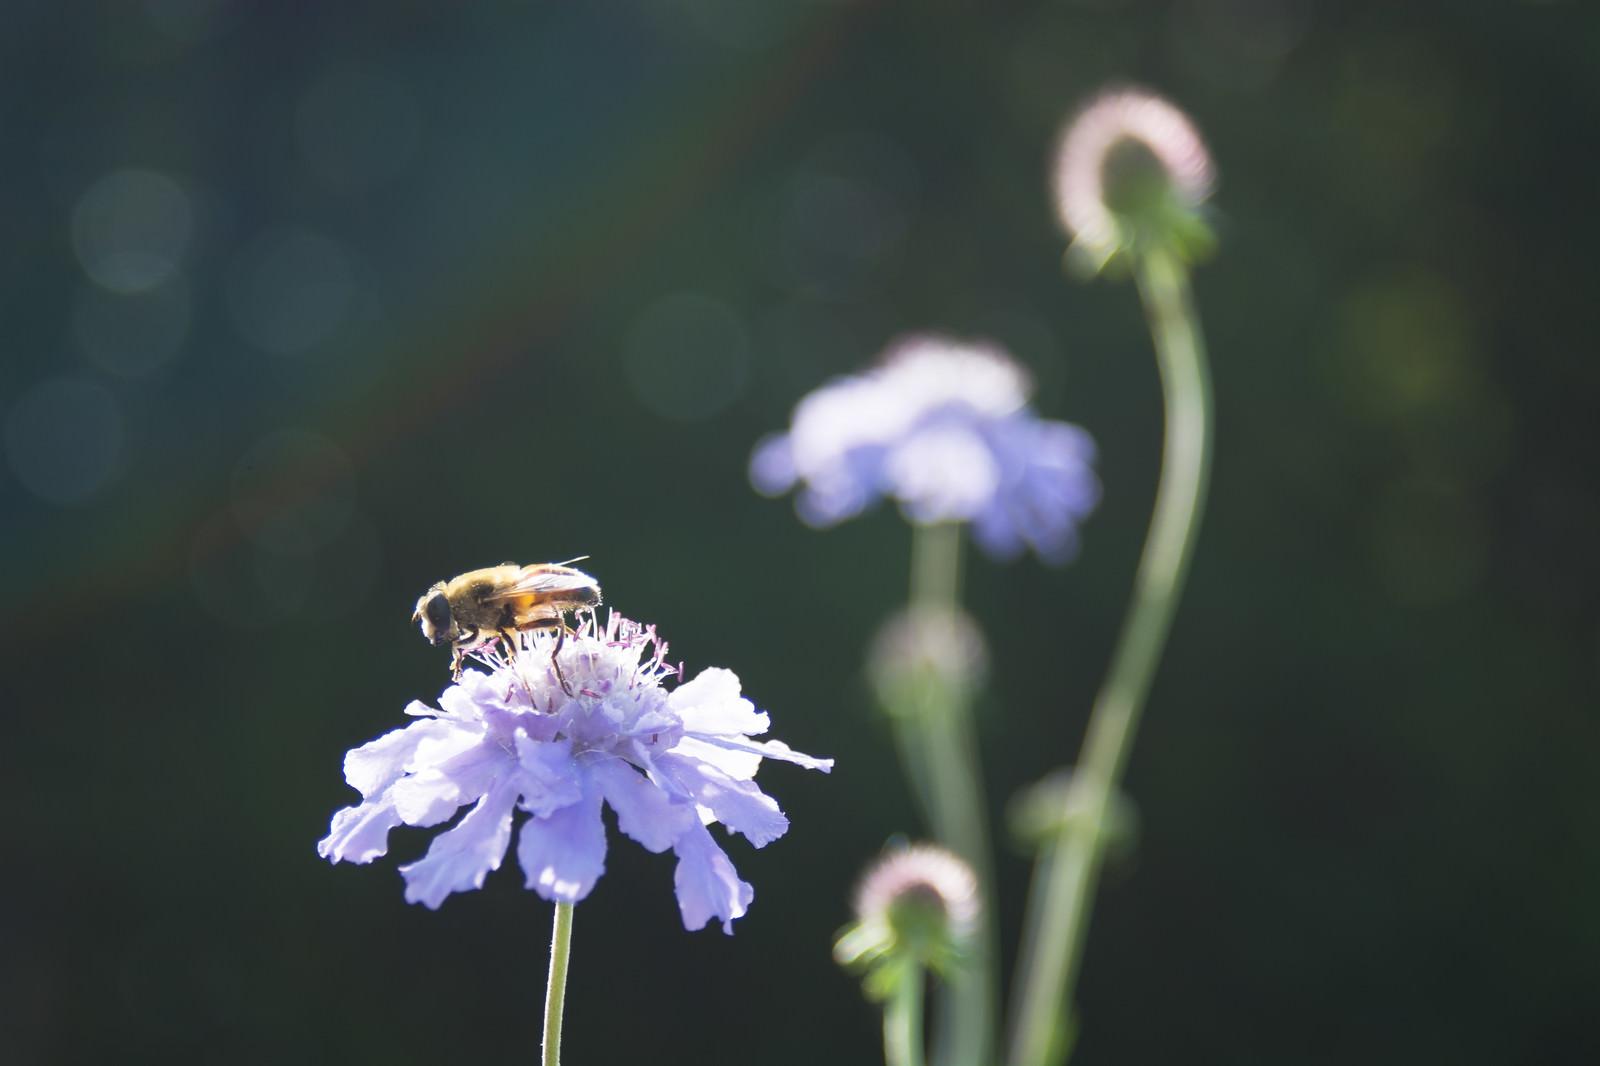 「マツムシソウとミツバチ」の写真